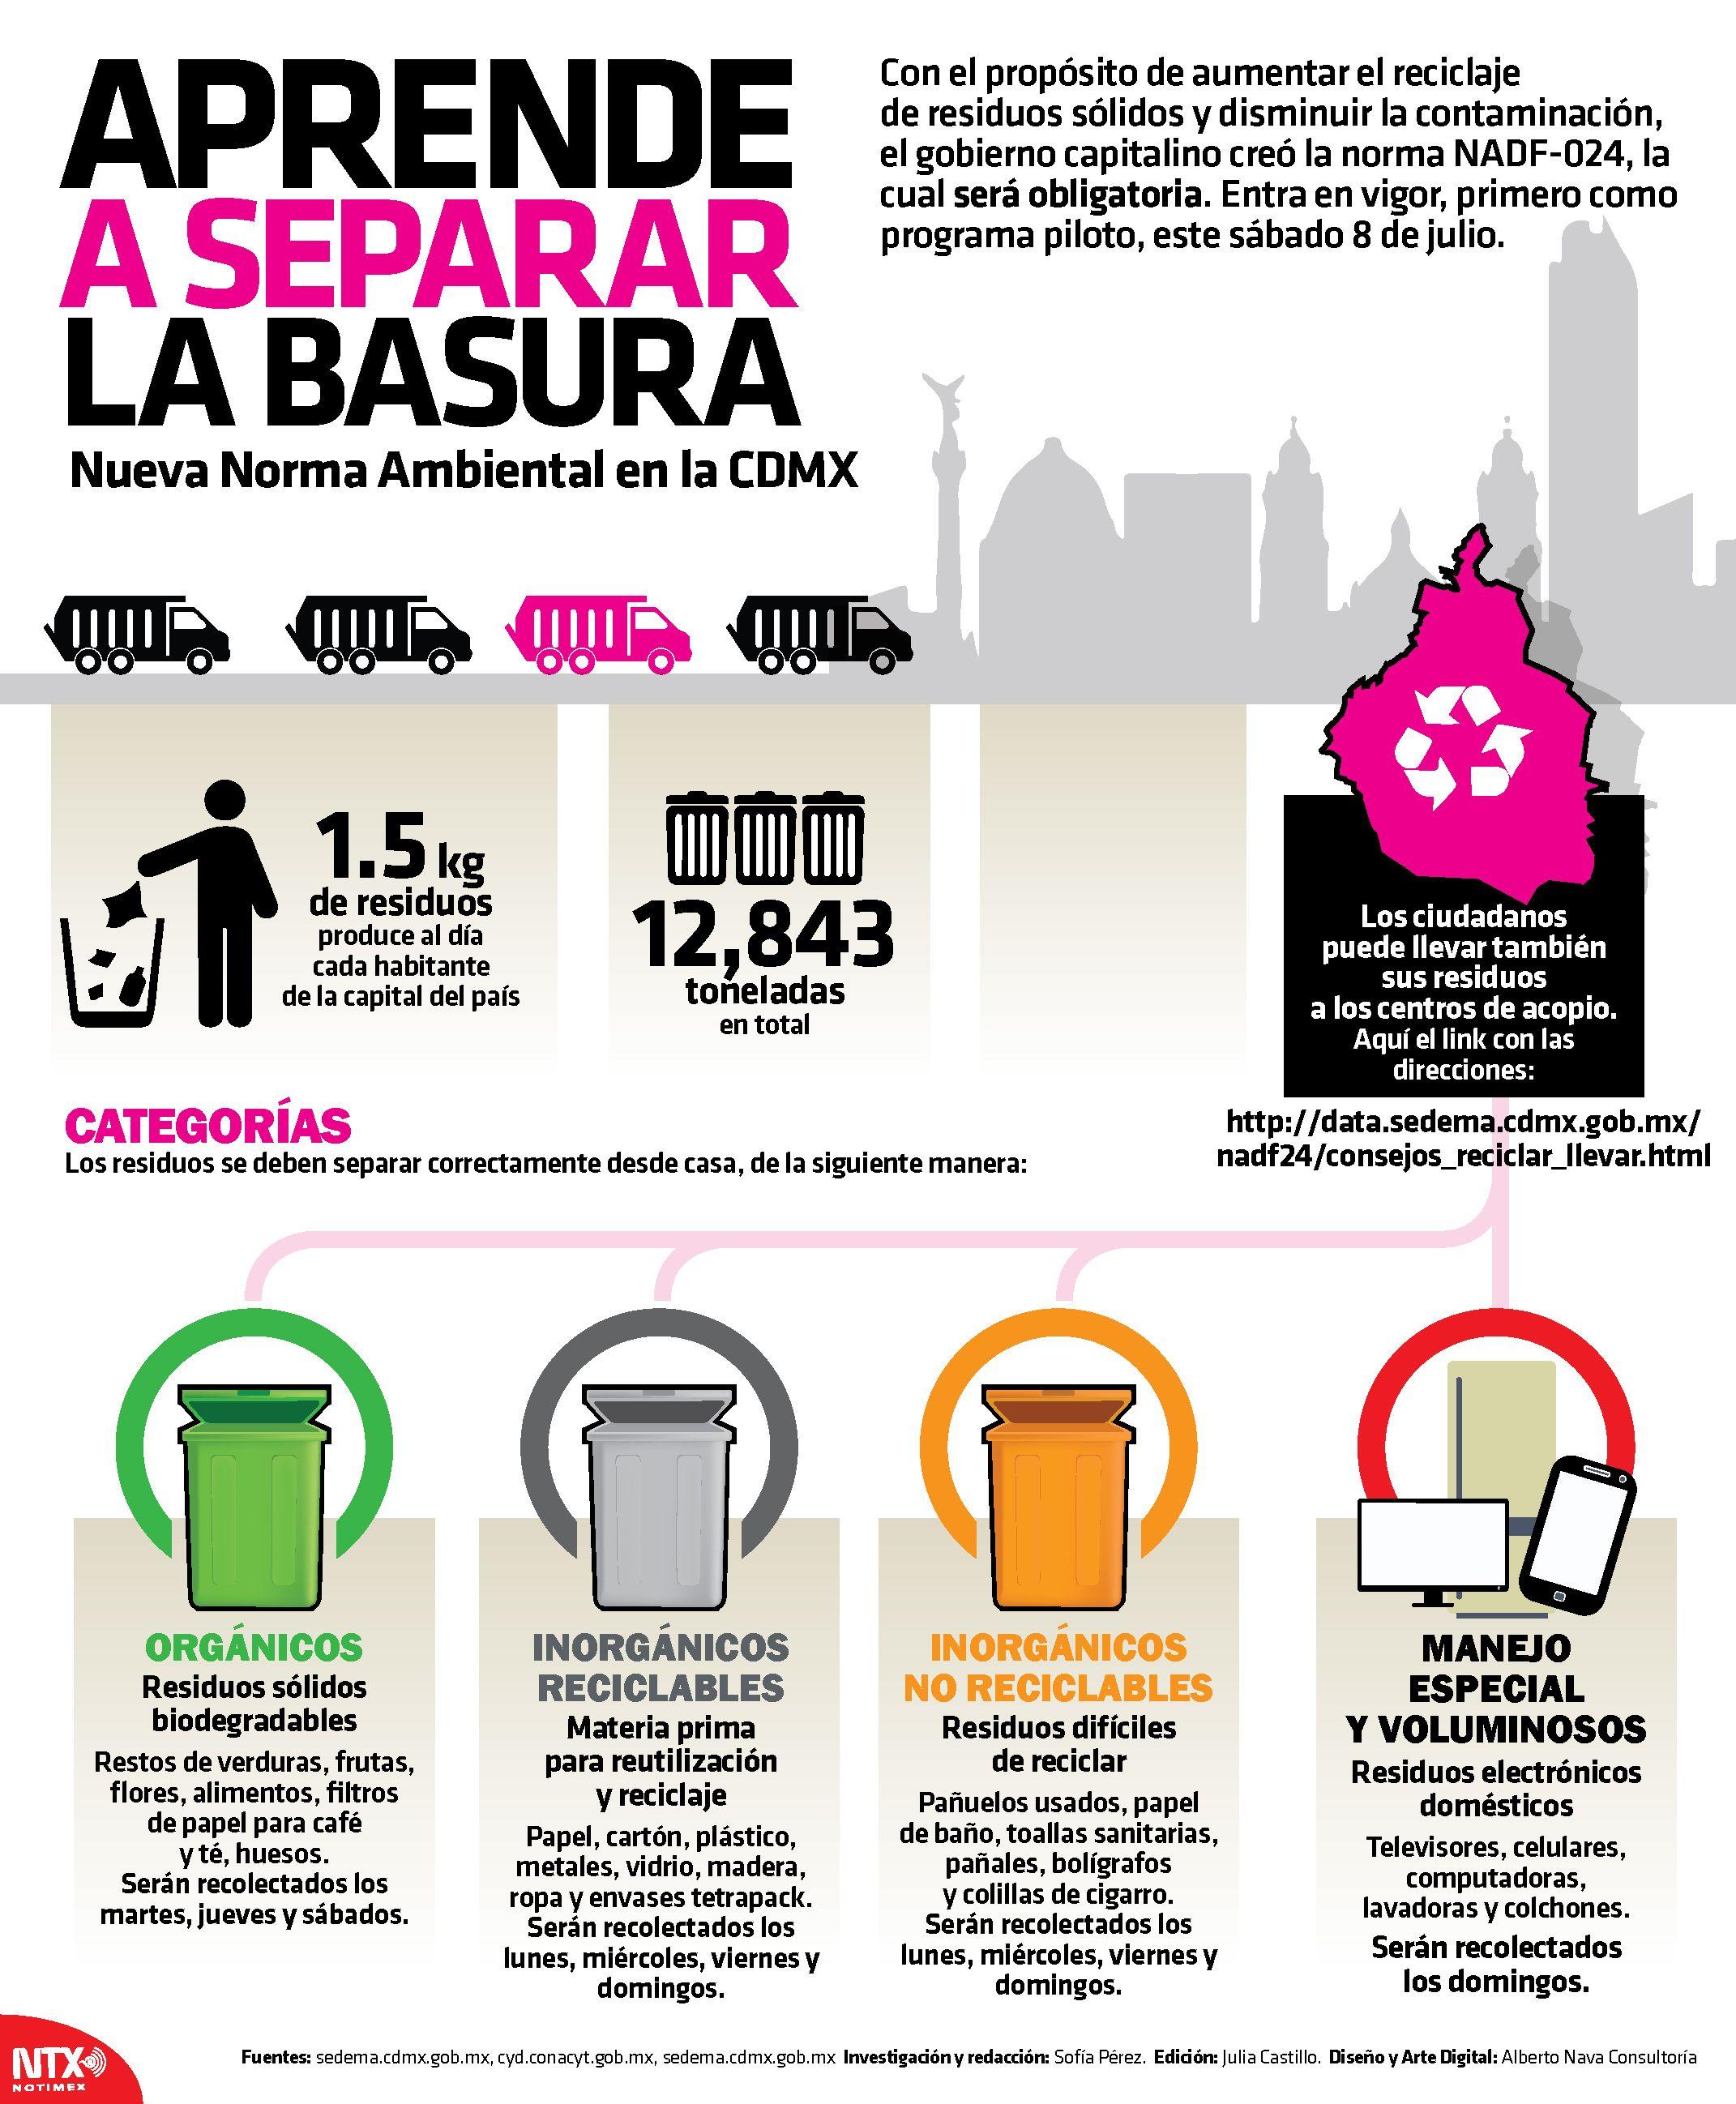 En La Infografiantx Aprende A Separar La Basura Con La Nueva Norma Ambiental En La Cdmx Separar Basura Basura Reciclaje Carteles